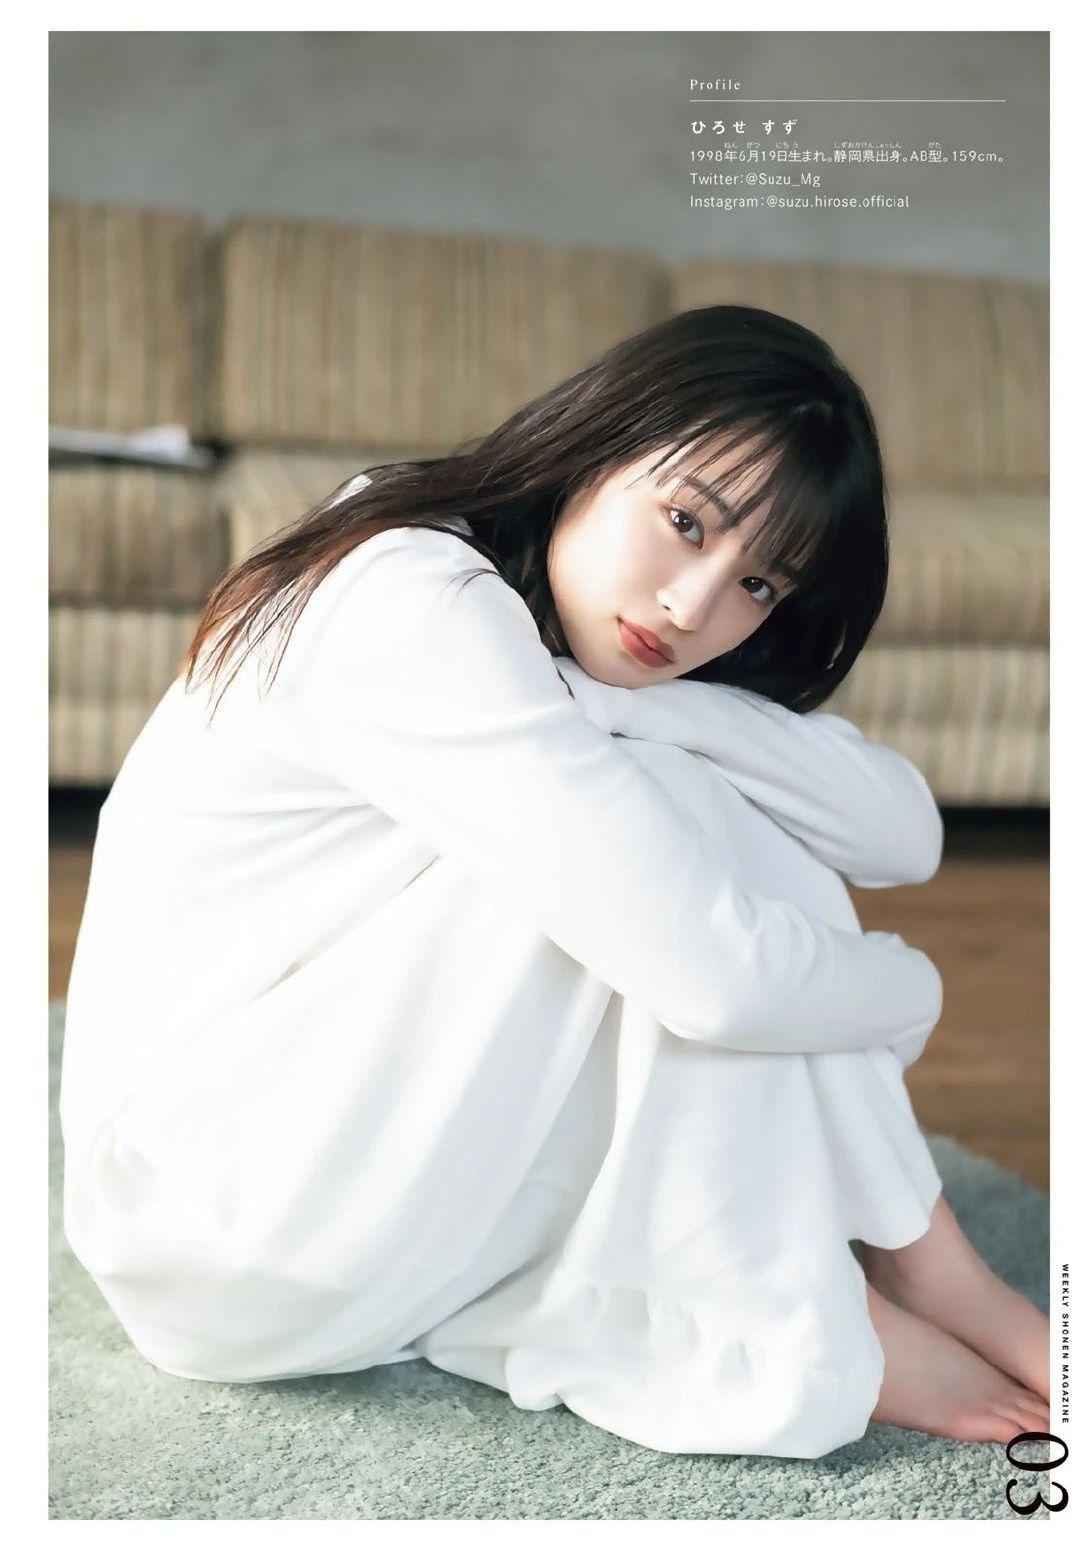 20神颜美少女却黑历史比较多的广濑丝丝写真作品 (37)